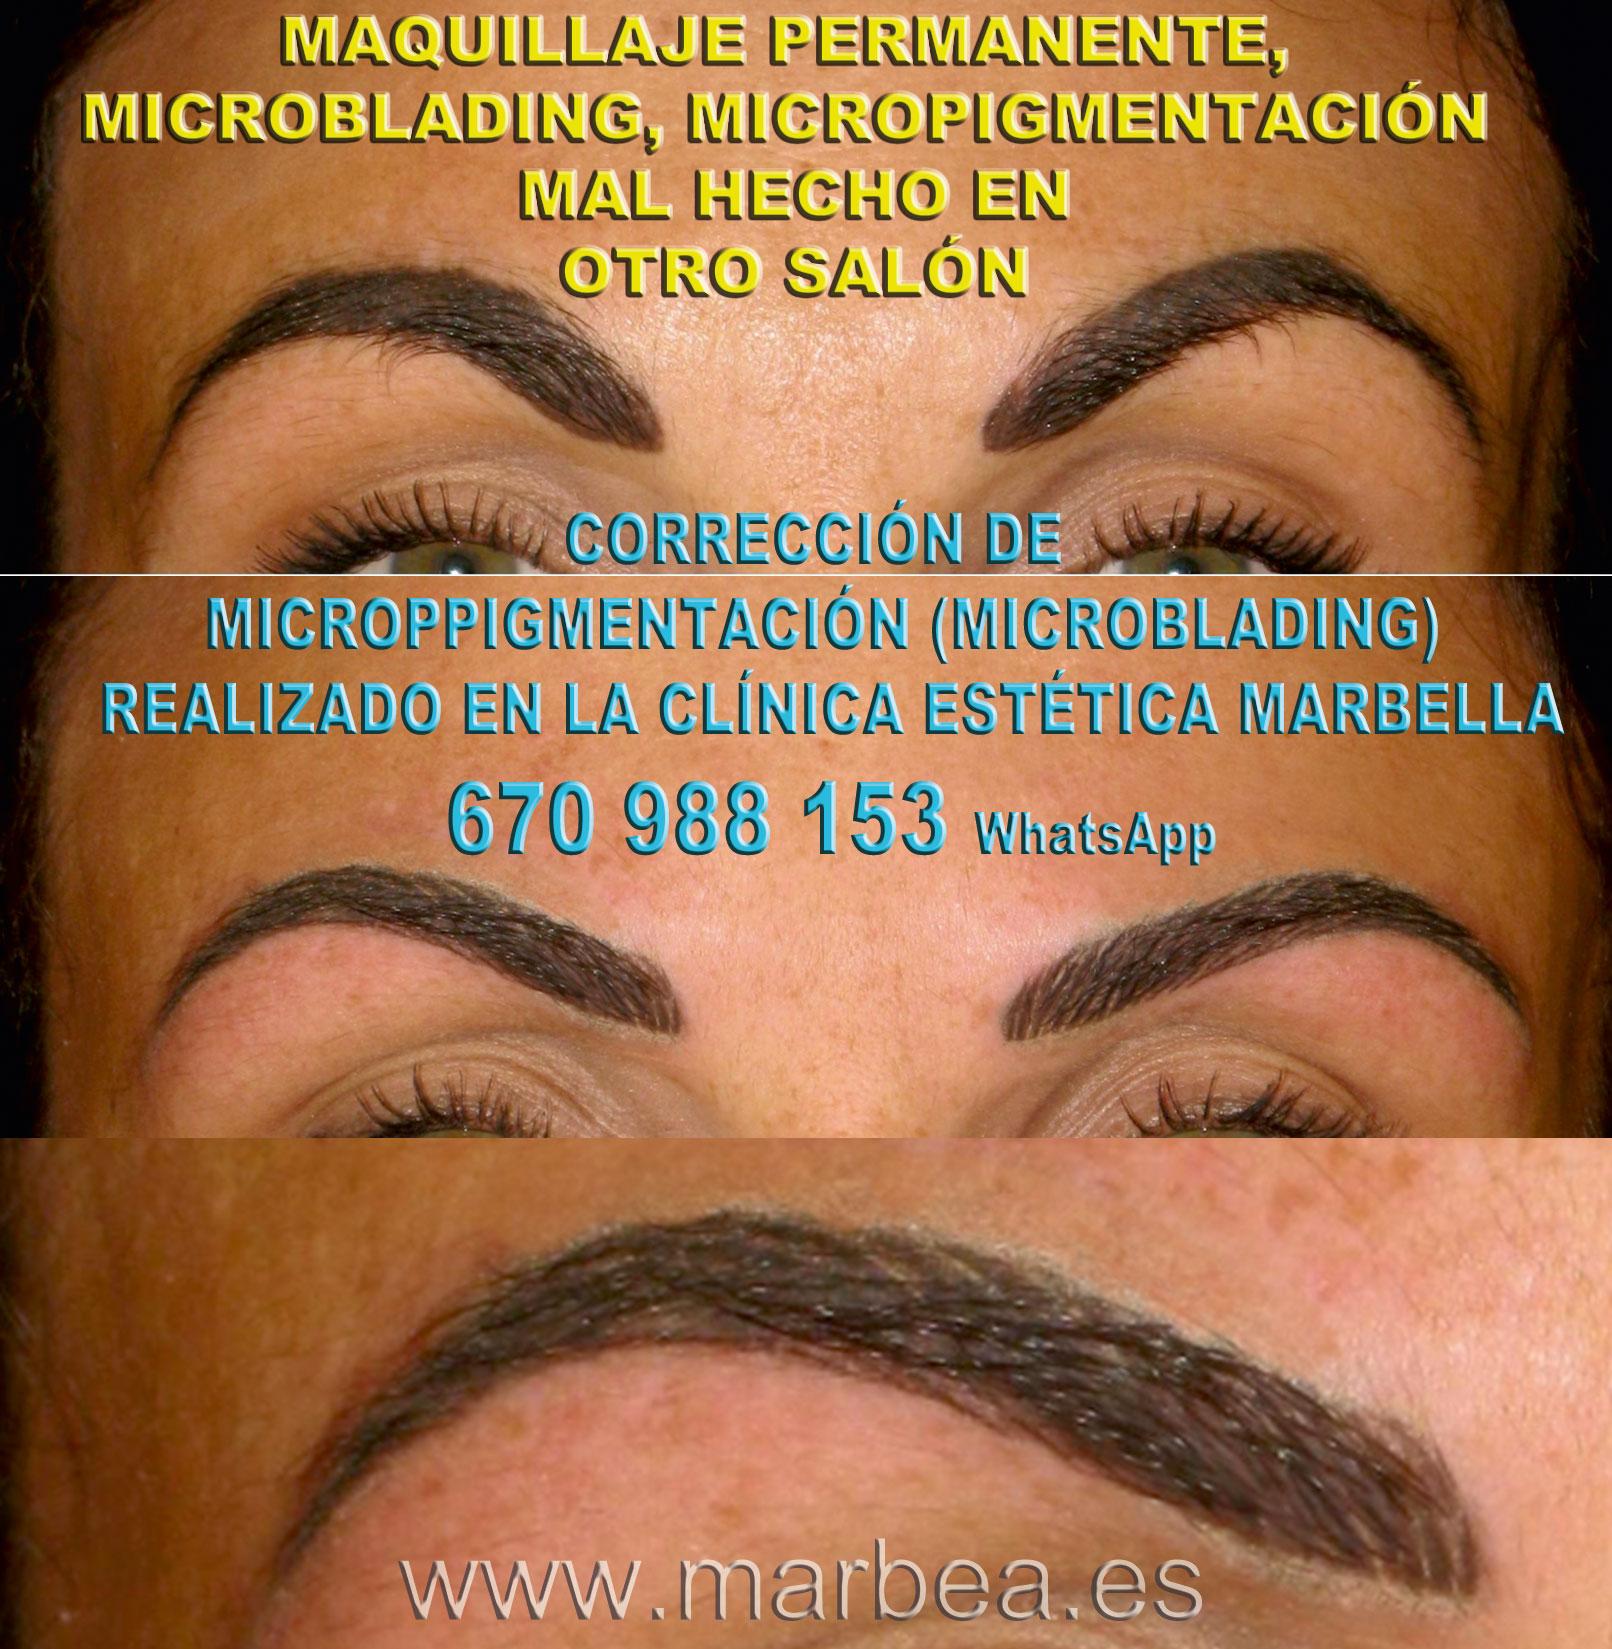 ELIMINAR TATUAJE CEJAS clínica estética microblading ofrece corrección de cejas mal tatuadas,corregir micropigmentación mal hecha